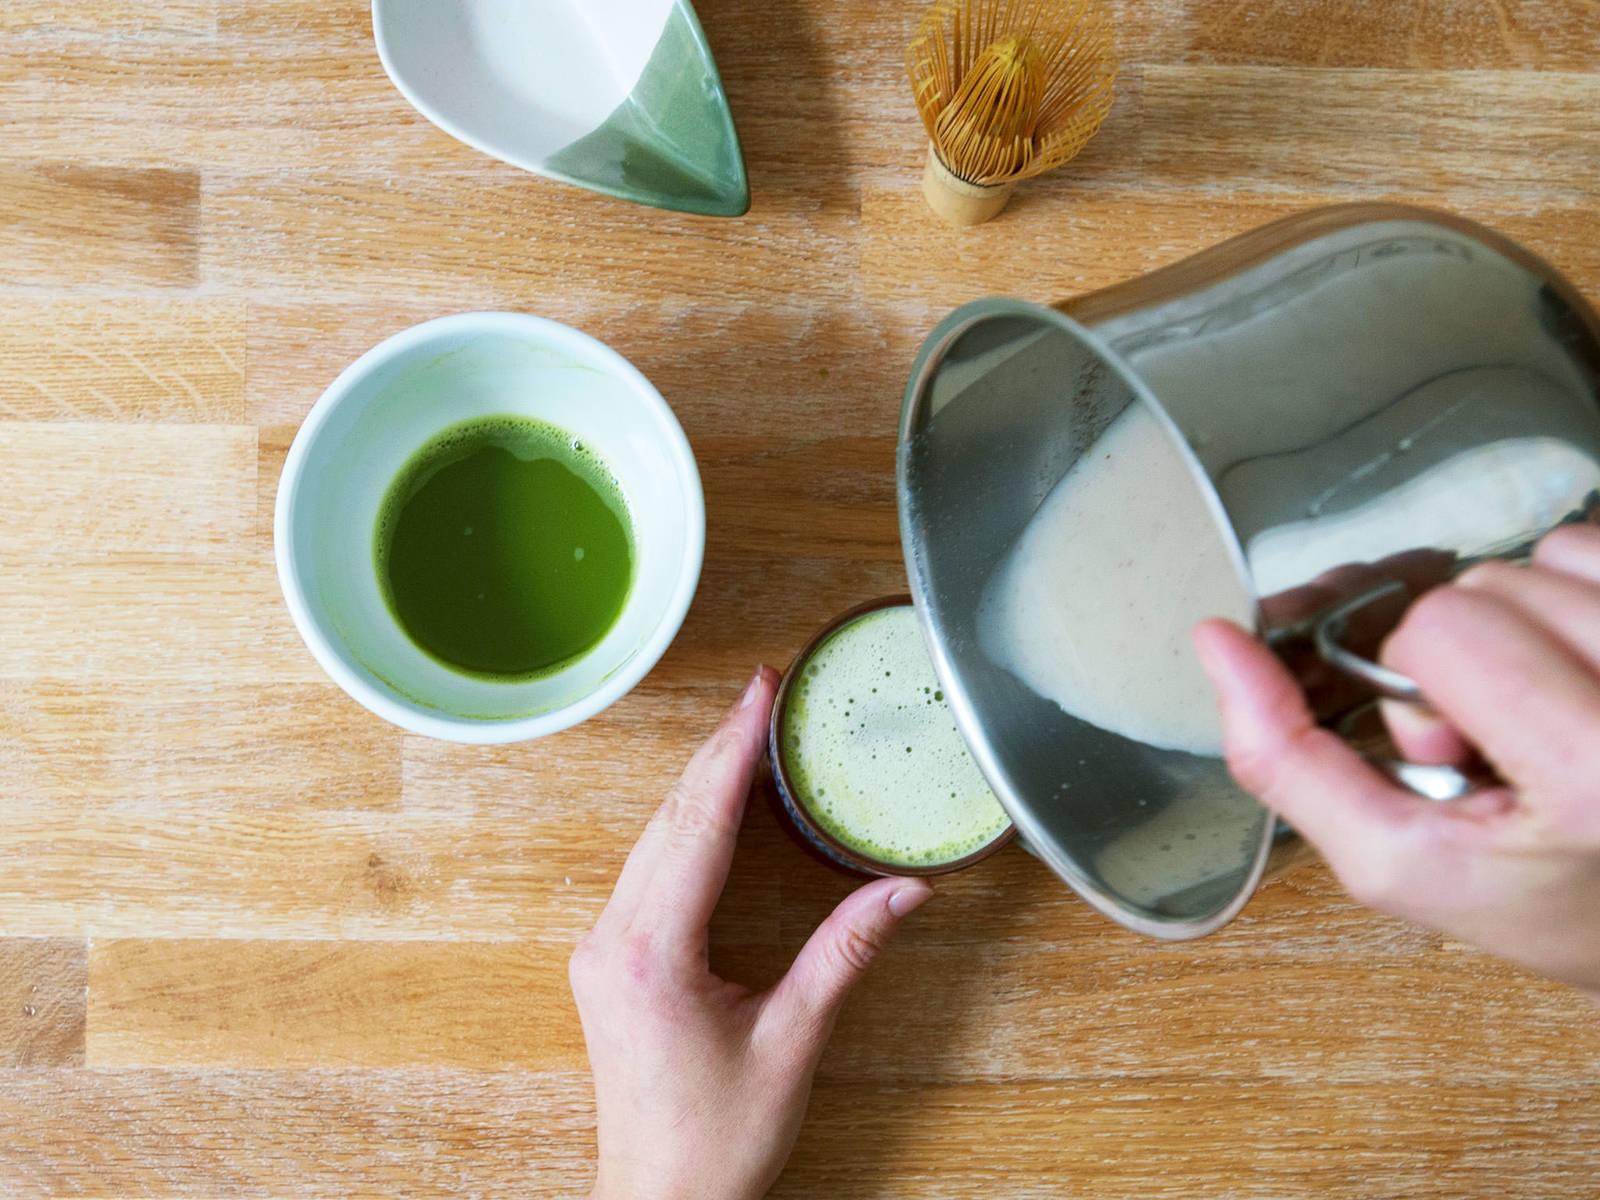 Matcha-Mix in den Topf mit der Reis-Kokos-Drink-Mischung geben, verrühren und auf zwei Tassen verteilt servieren.